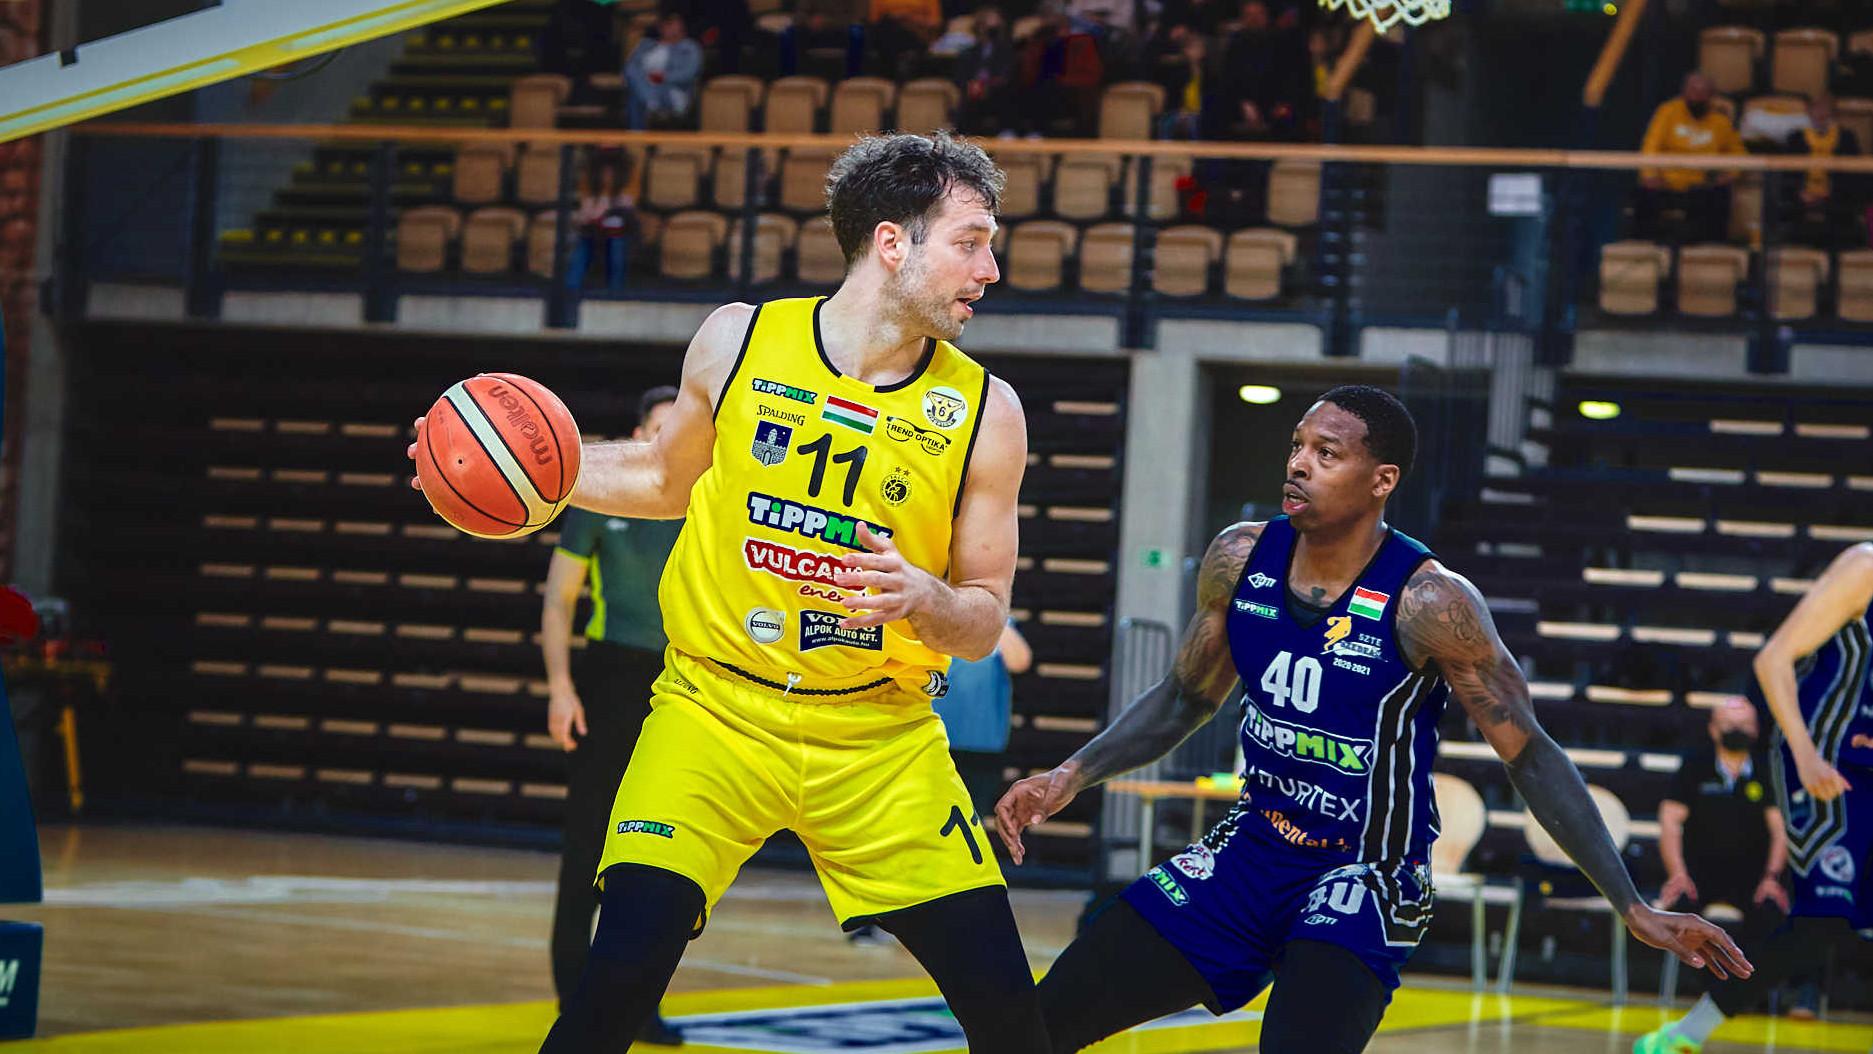 Falco-Szolnok döntőt rendeznek a férfi kosárlabda bajnokságban